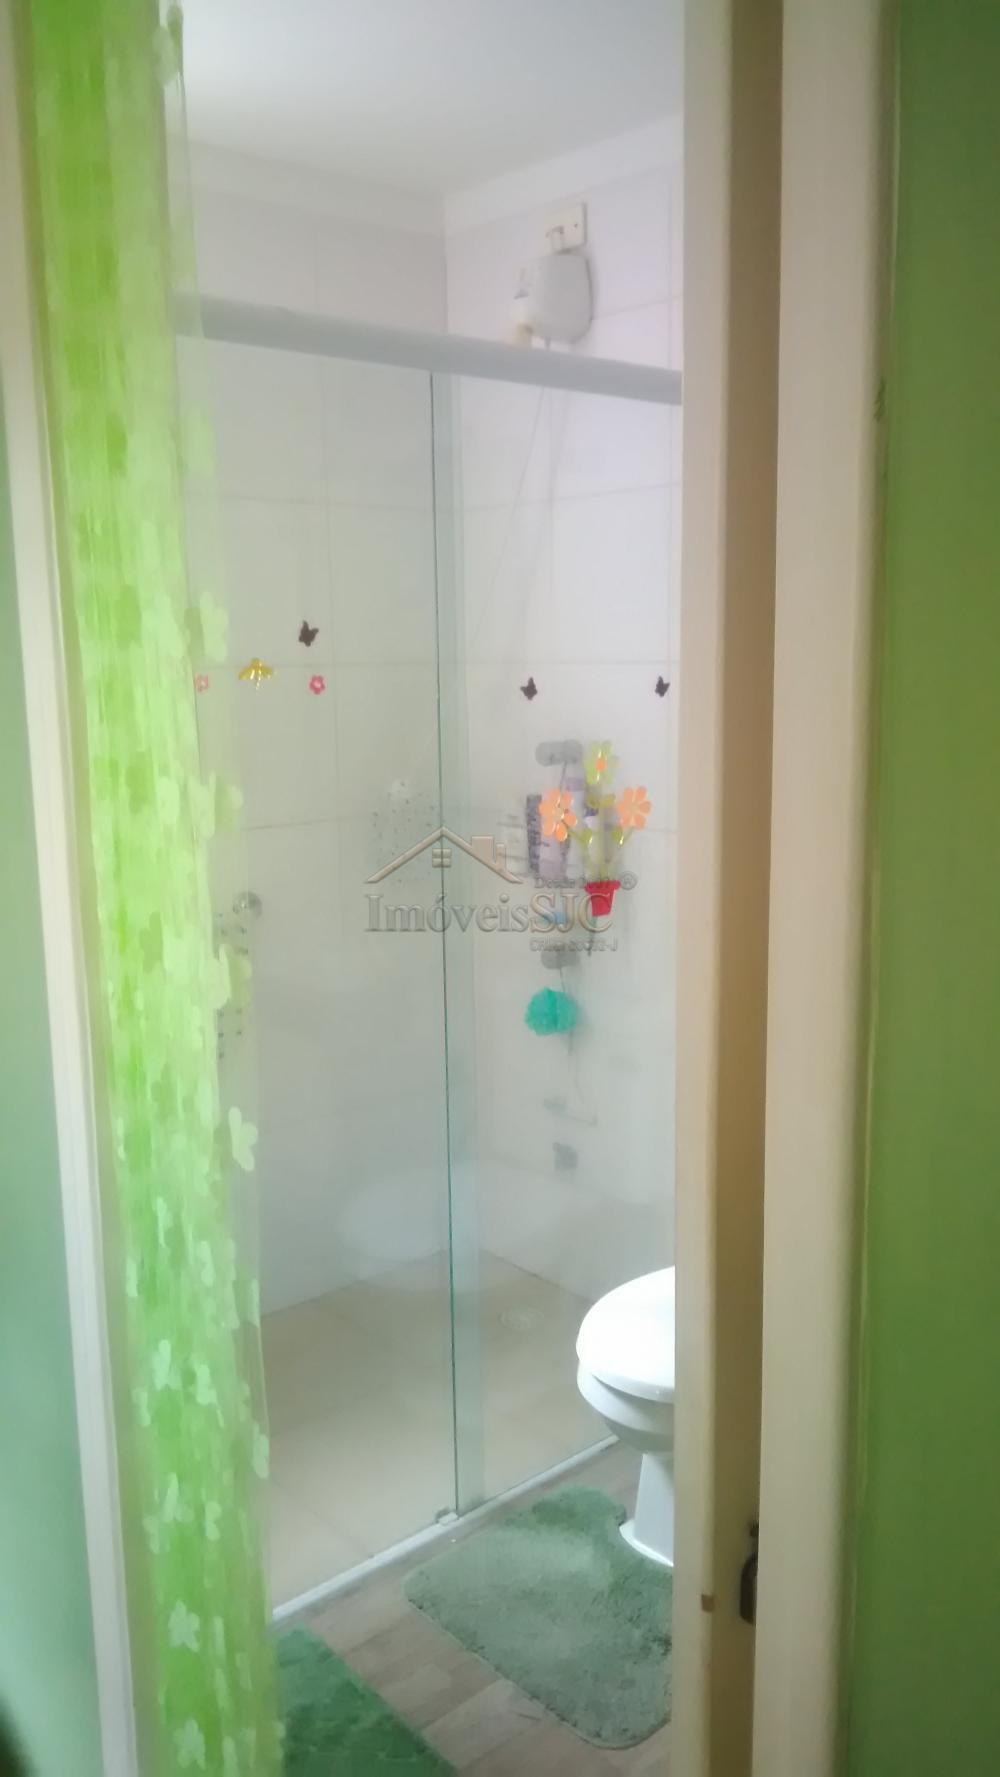 Comprar Apartamentos / Padrão em São José dos Campos apenas R$ 320.000,00 - Foto 11